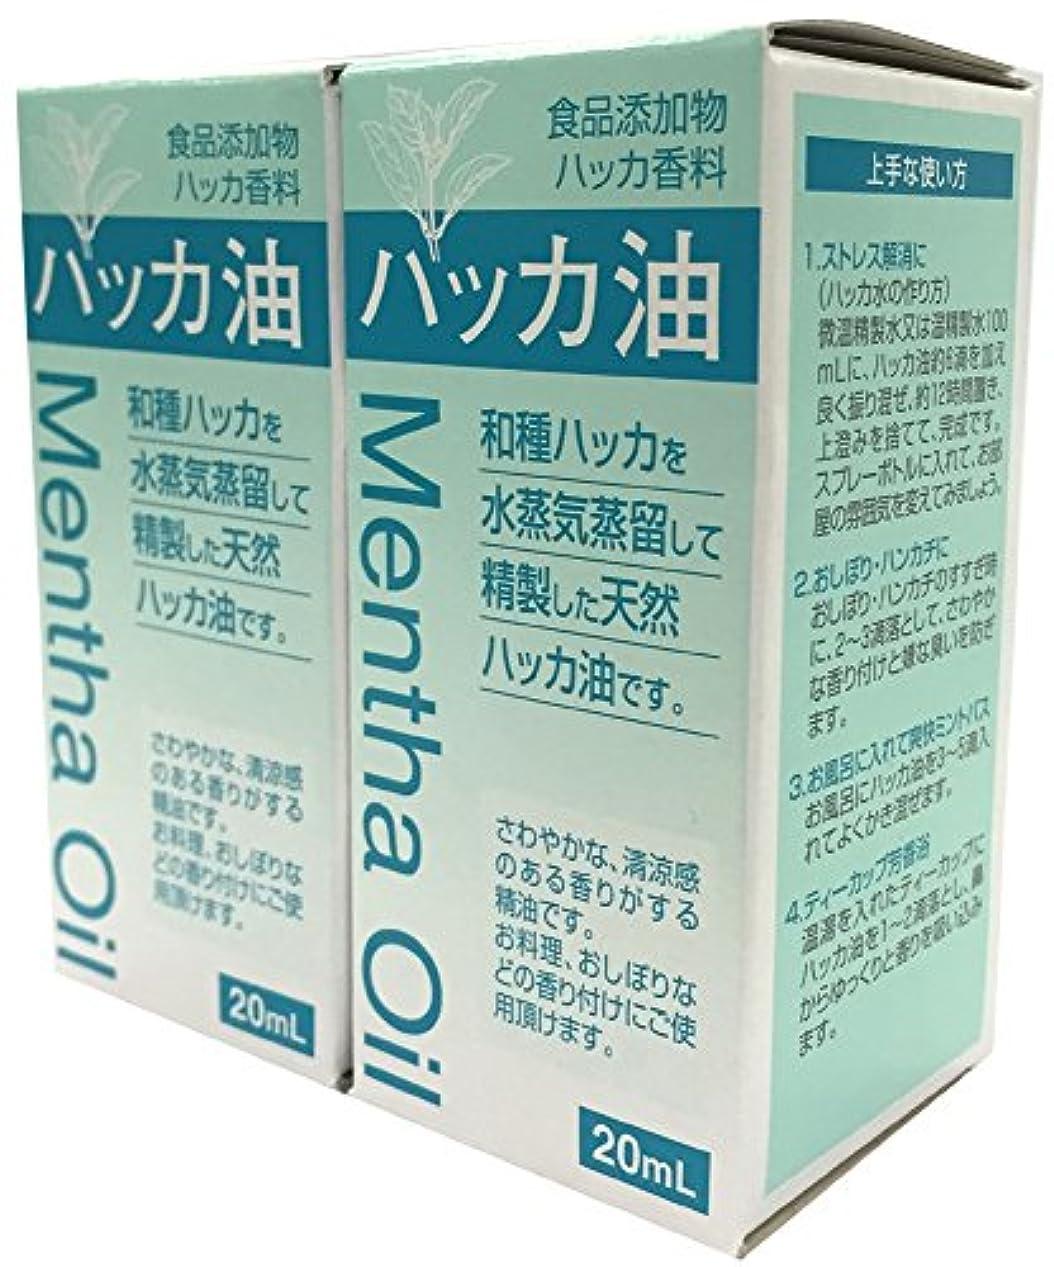 例示する上げるファンタジー食品添加物 ハッカ油 20mL 2個セット